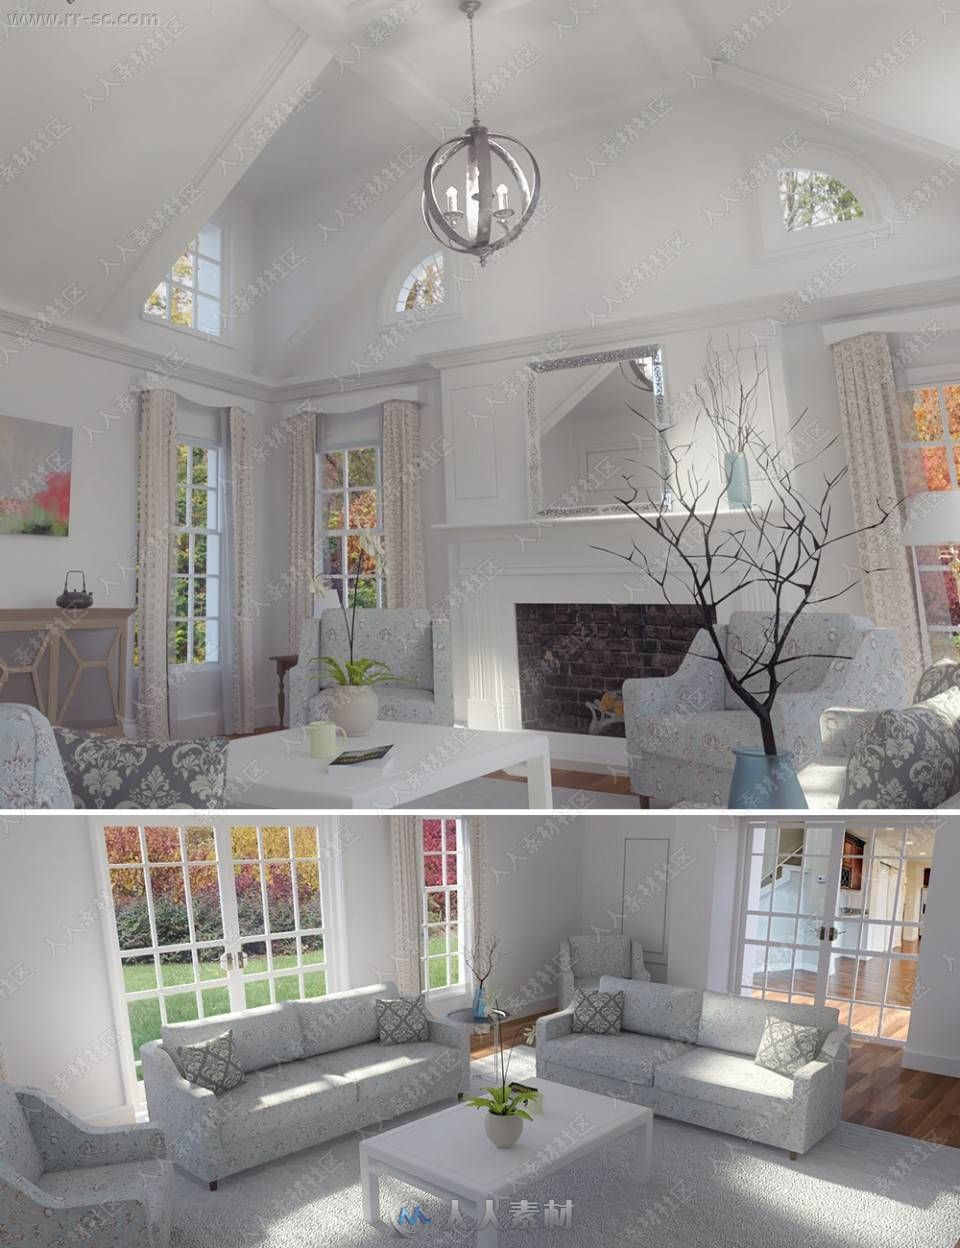 简洁舒适家居风格客厅环境布局3D模型